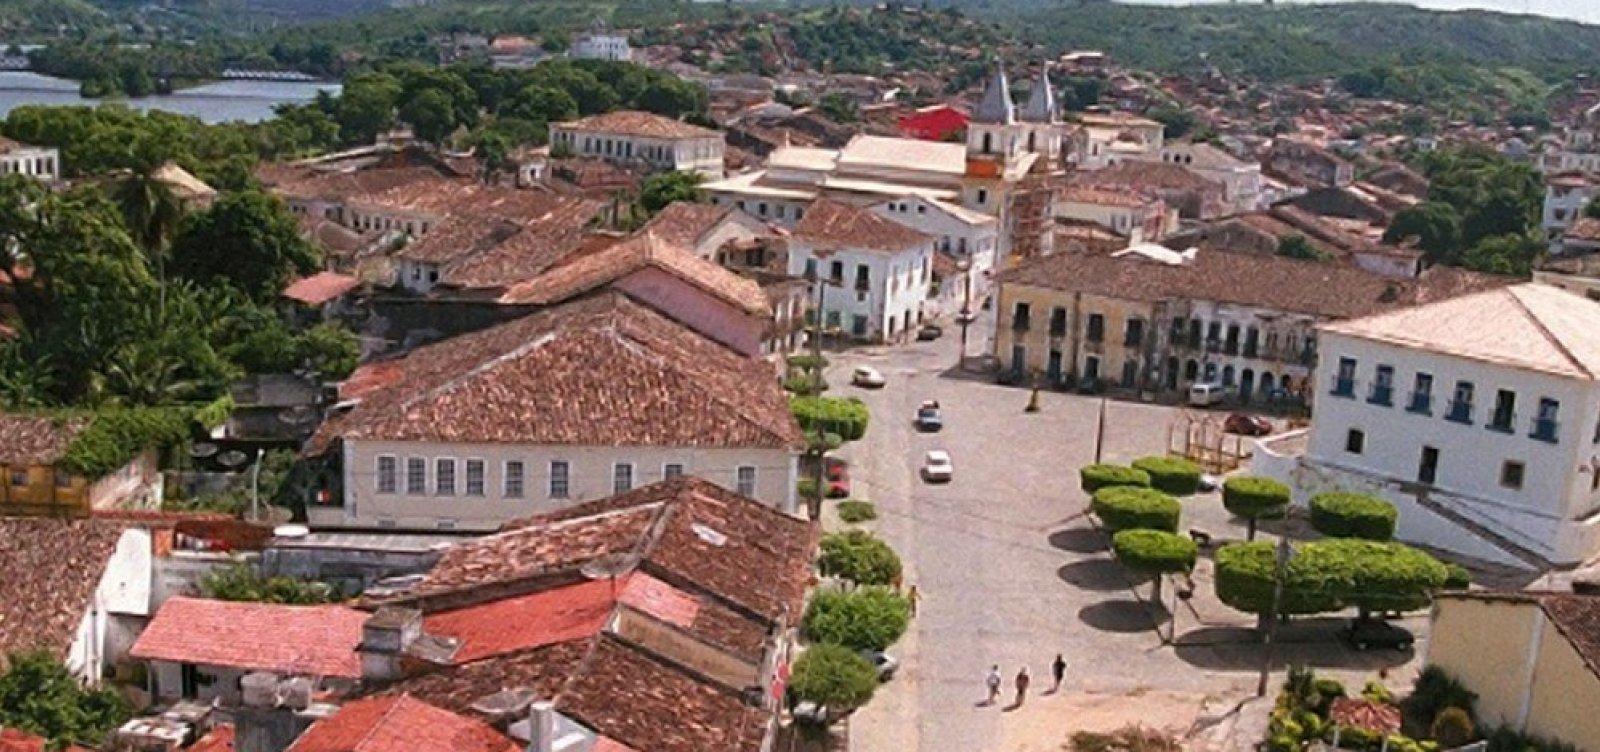 Para evitar aglomerações, prefeitura de Cachoeira proíbe entrada de não-residentes